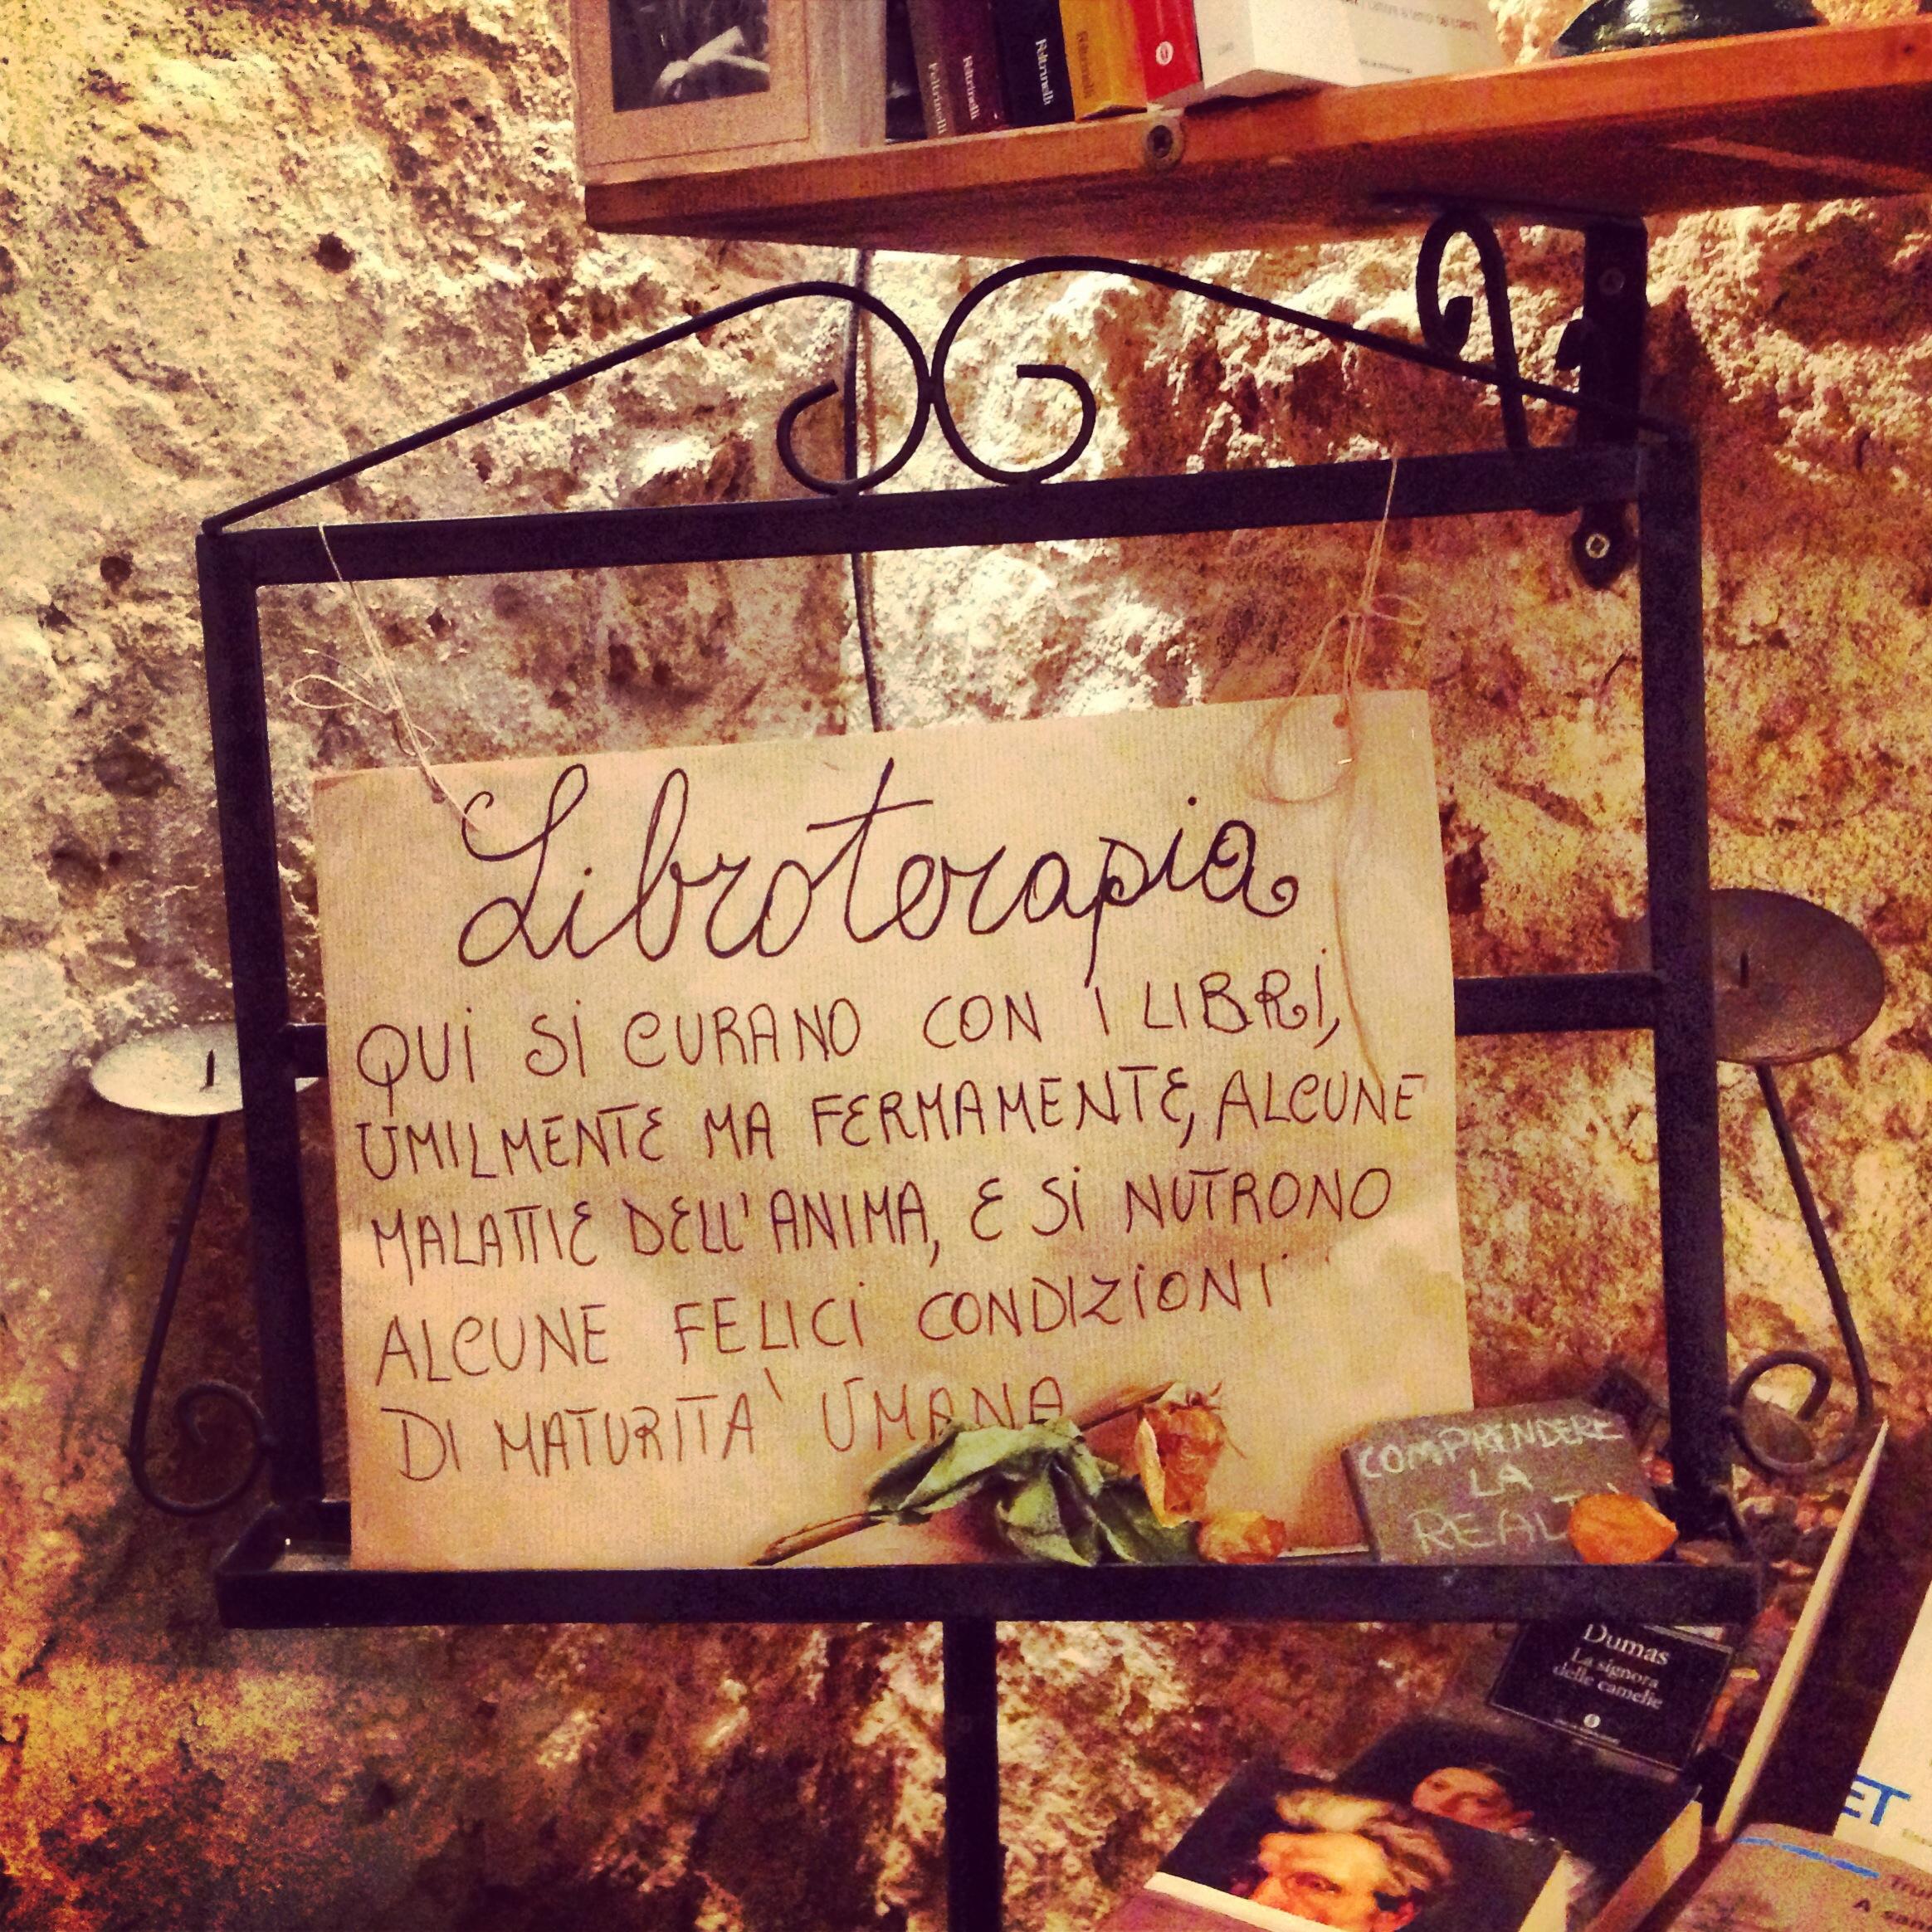 libroterapia, liccamucciula, particolare, mazamemi sicilia